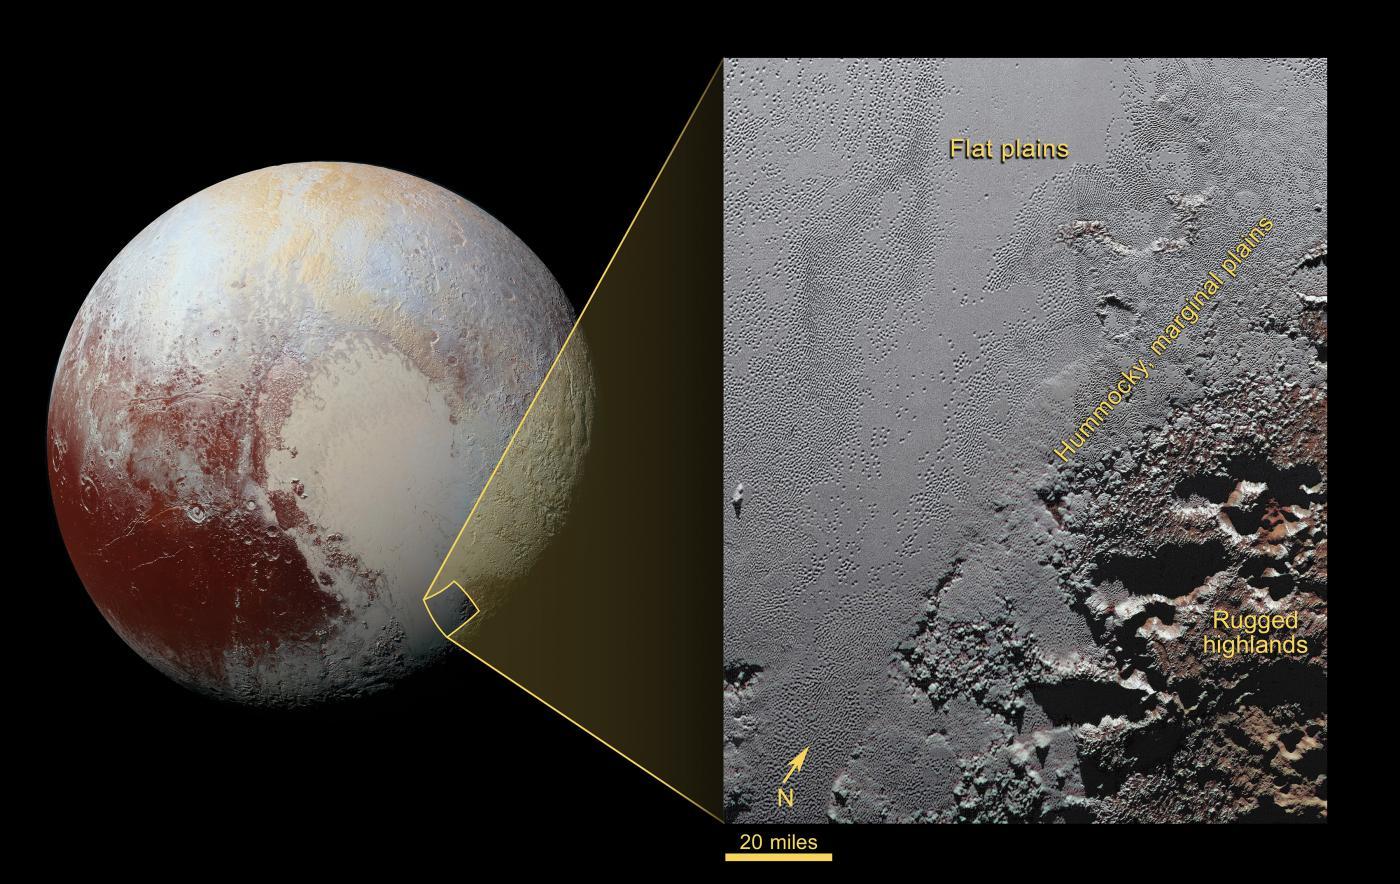 Zjizvená Krun Macula na pobřeží Sputnik Planum